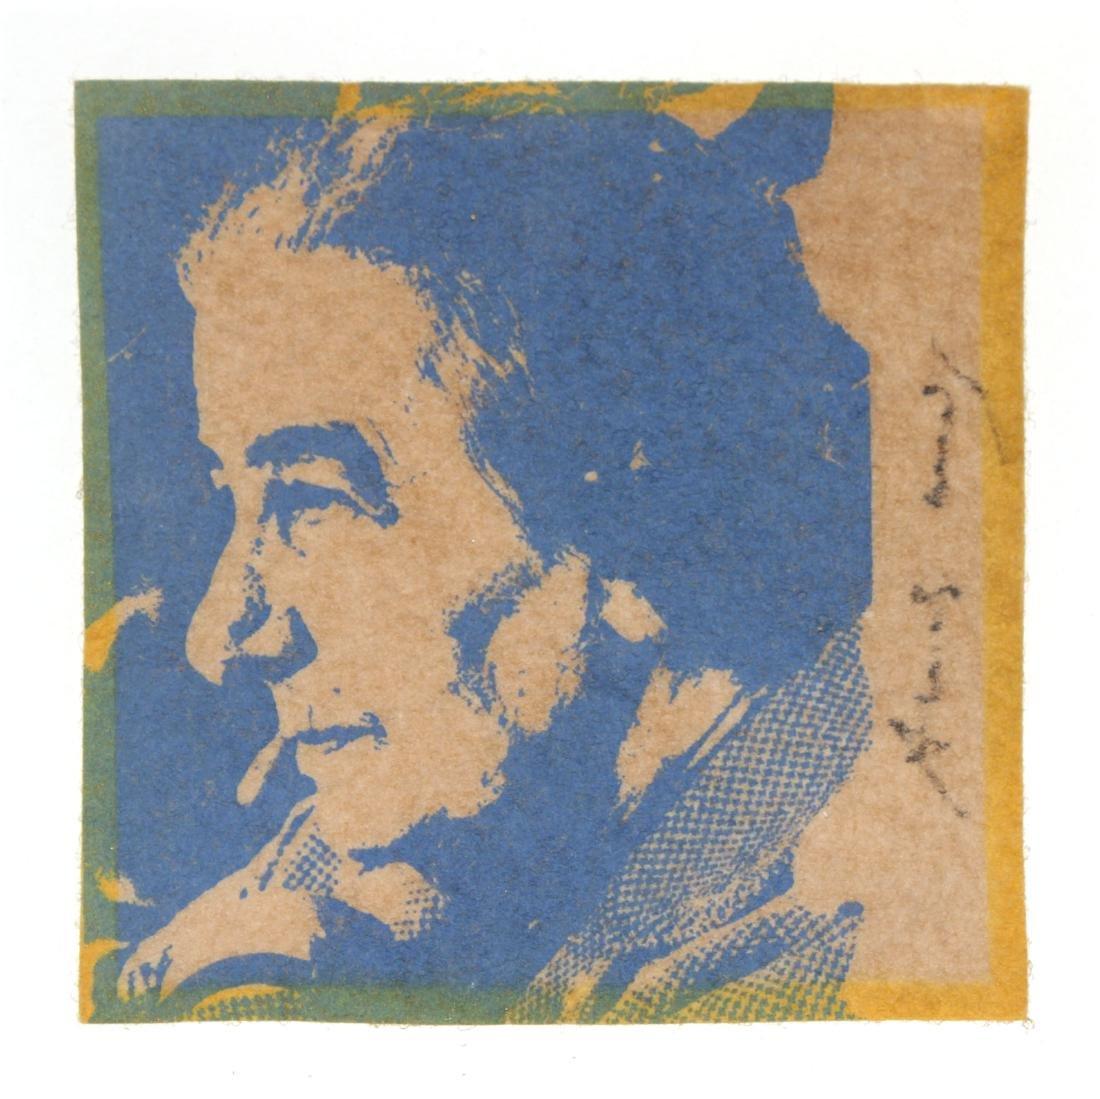 Andy Warhol - Golda Meir